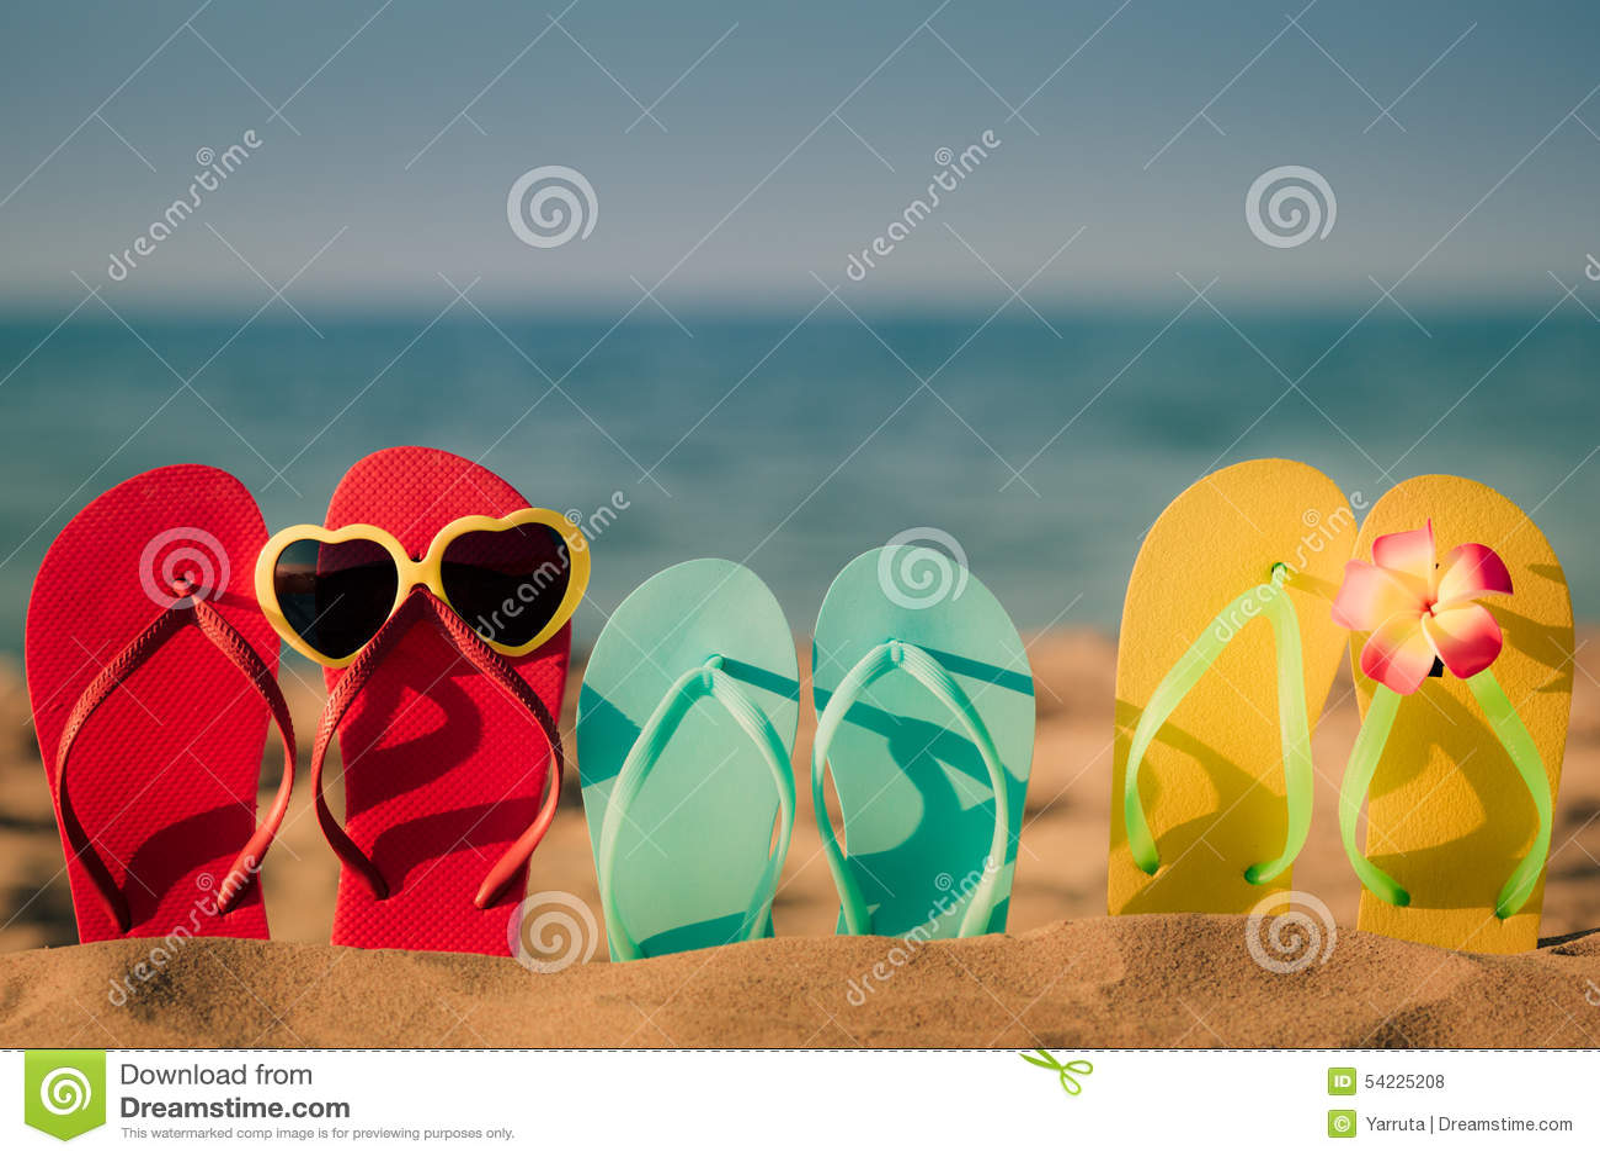 Beach flip-flops on the sand